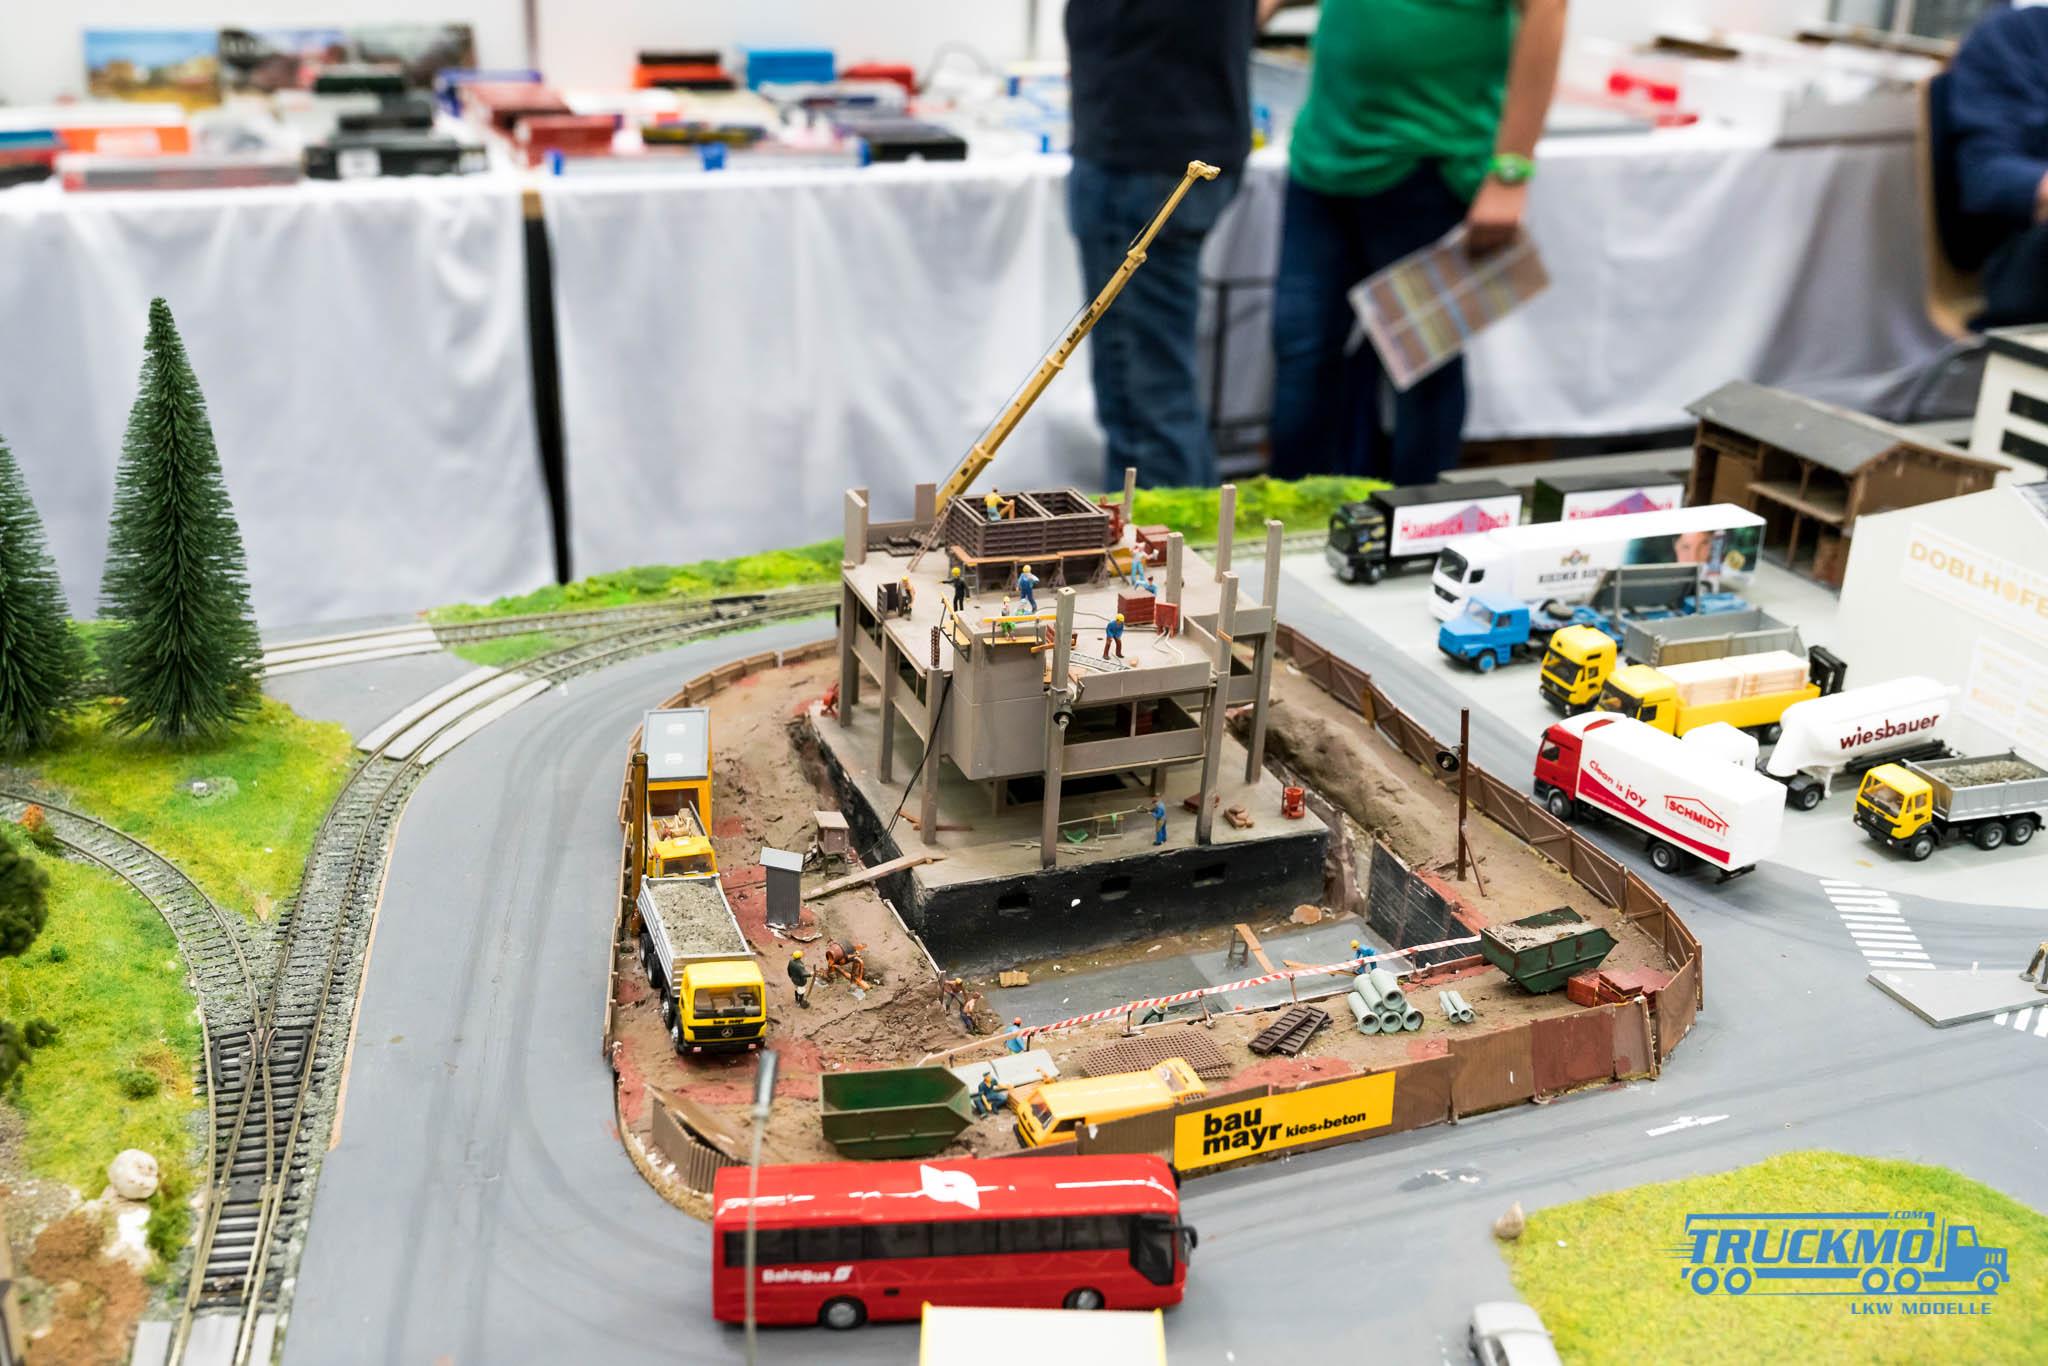 Truckmo_Modellbau_Ried_2017_Herpa_Messe_Modellbauausstellung (71 von 1177)